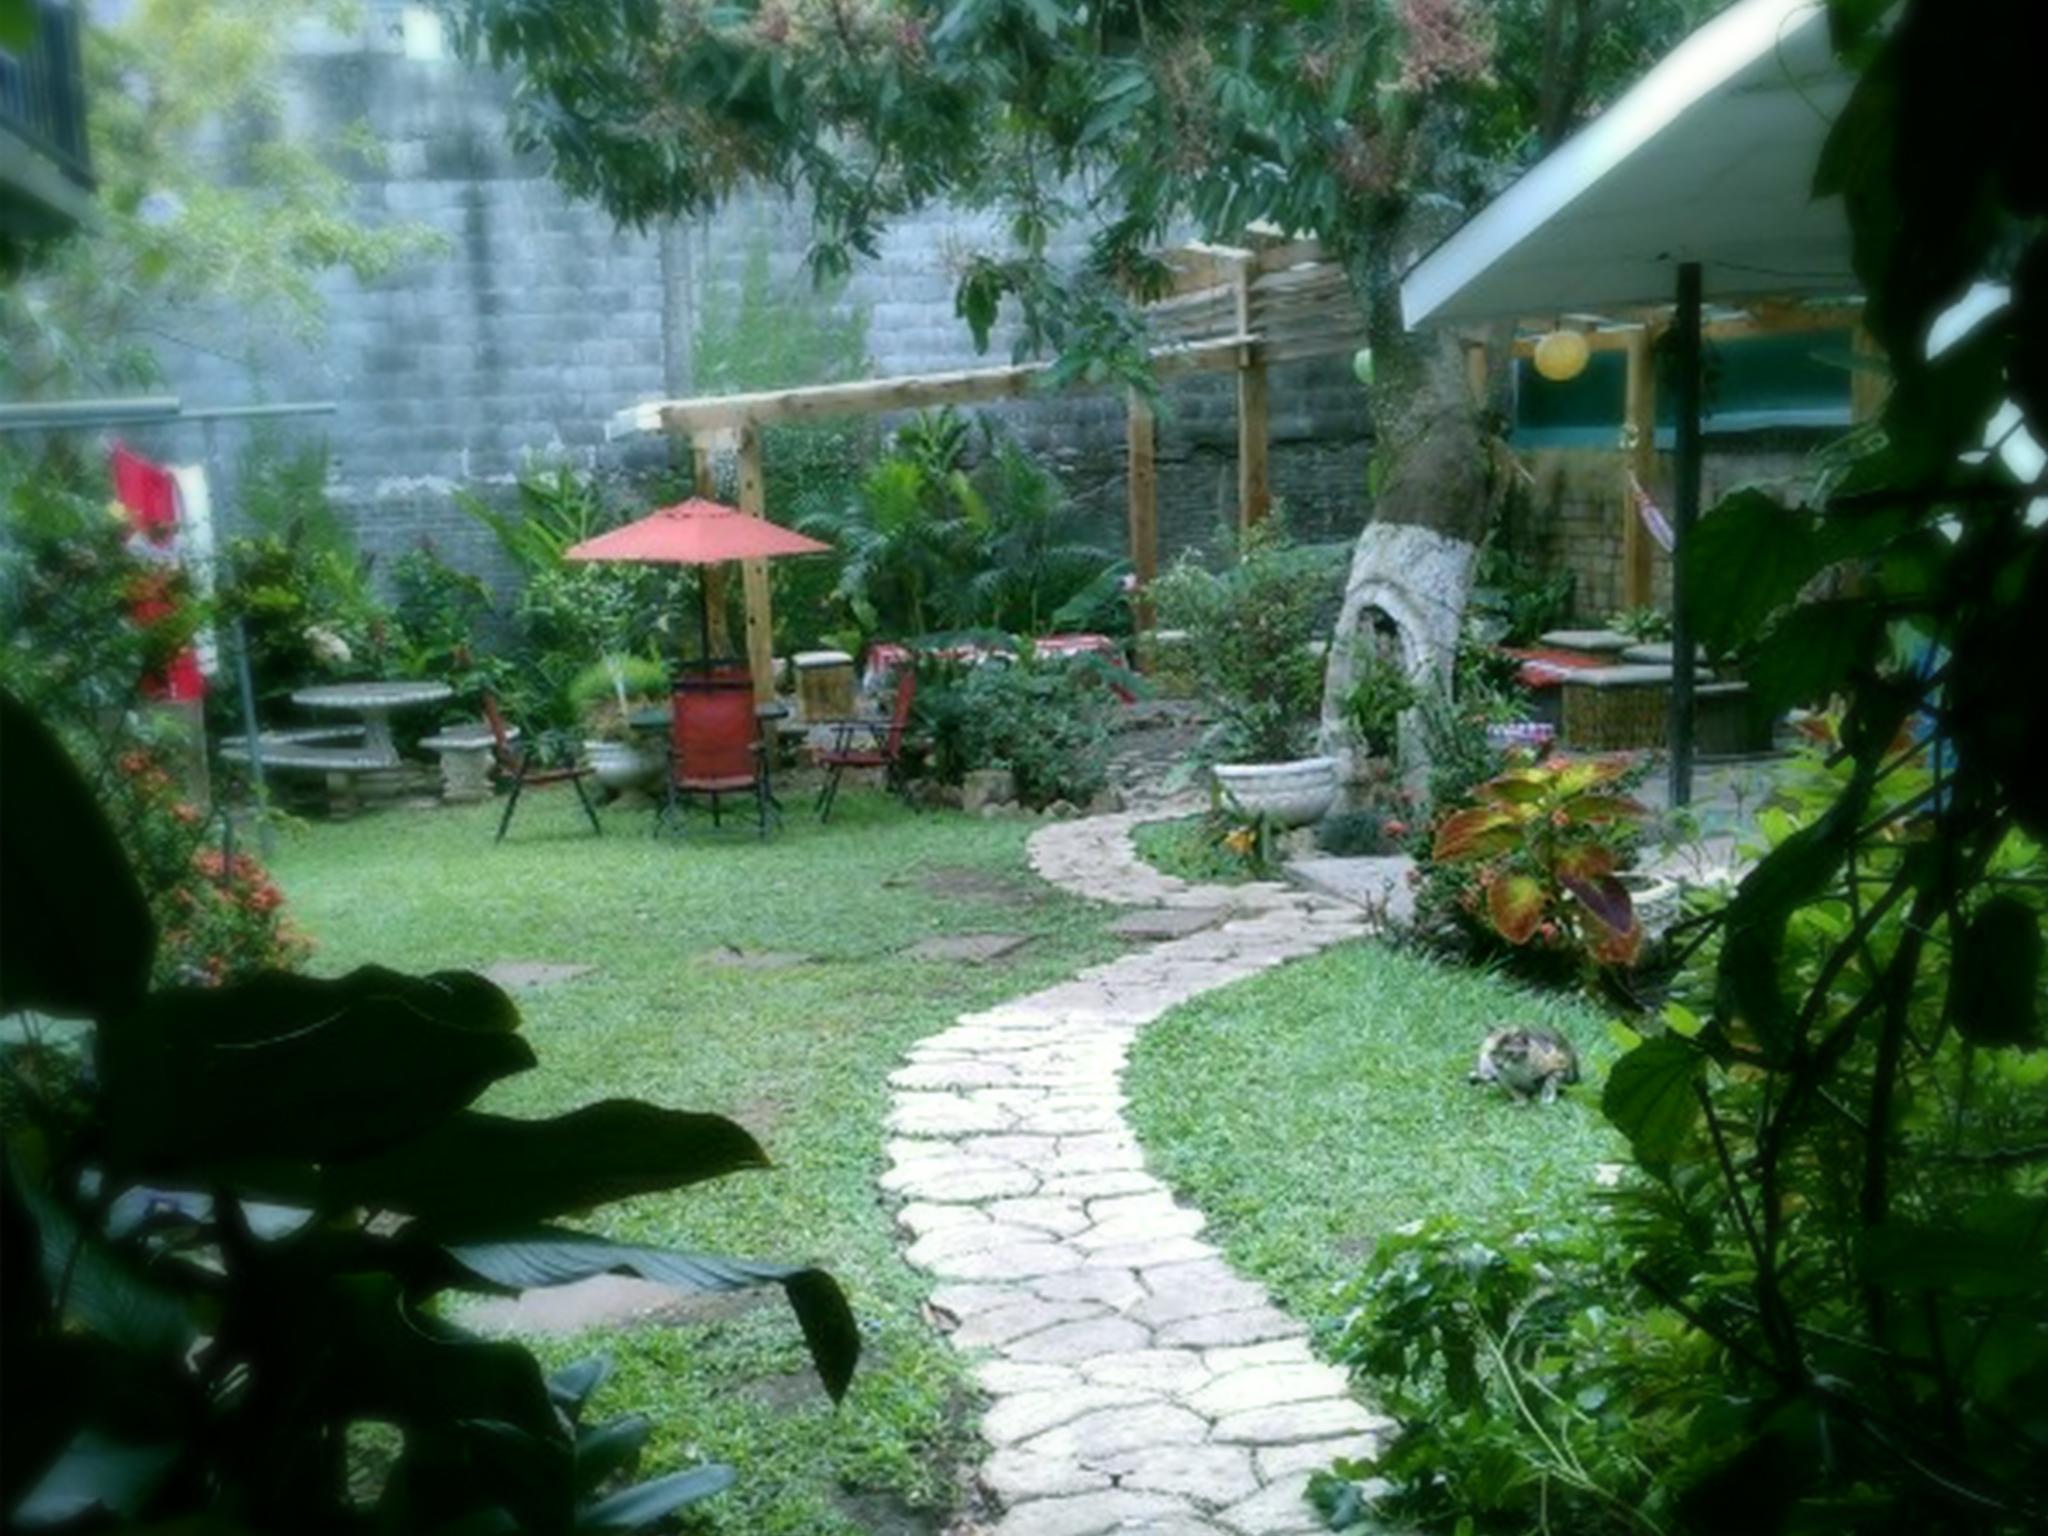 Mangifera Hostel